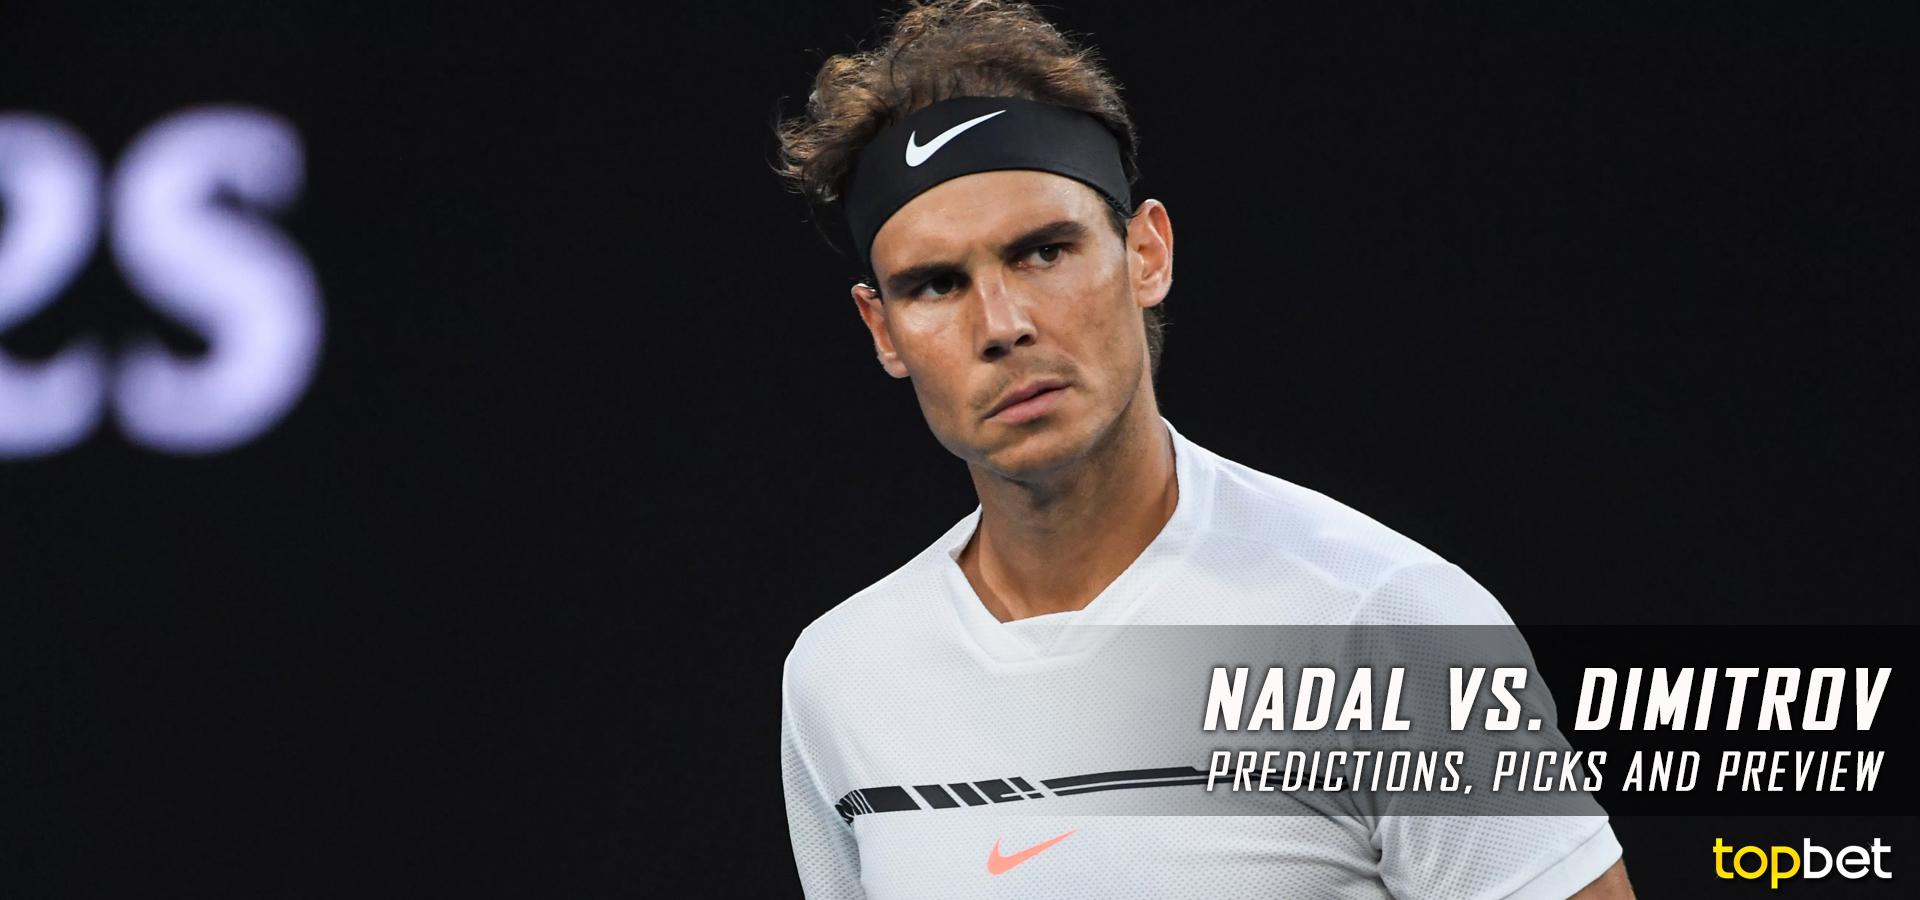 Rafael Nadal News: Nadal Vs Dimitrov 2017 Australian Open Picks & Preview